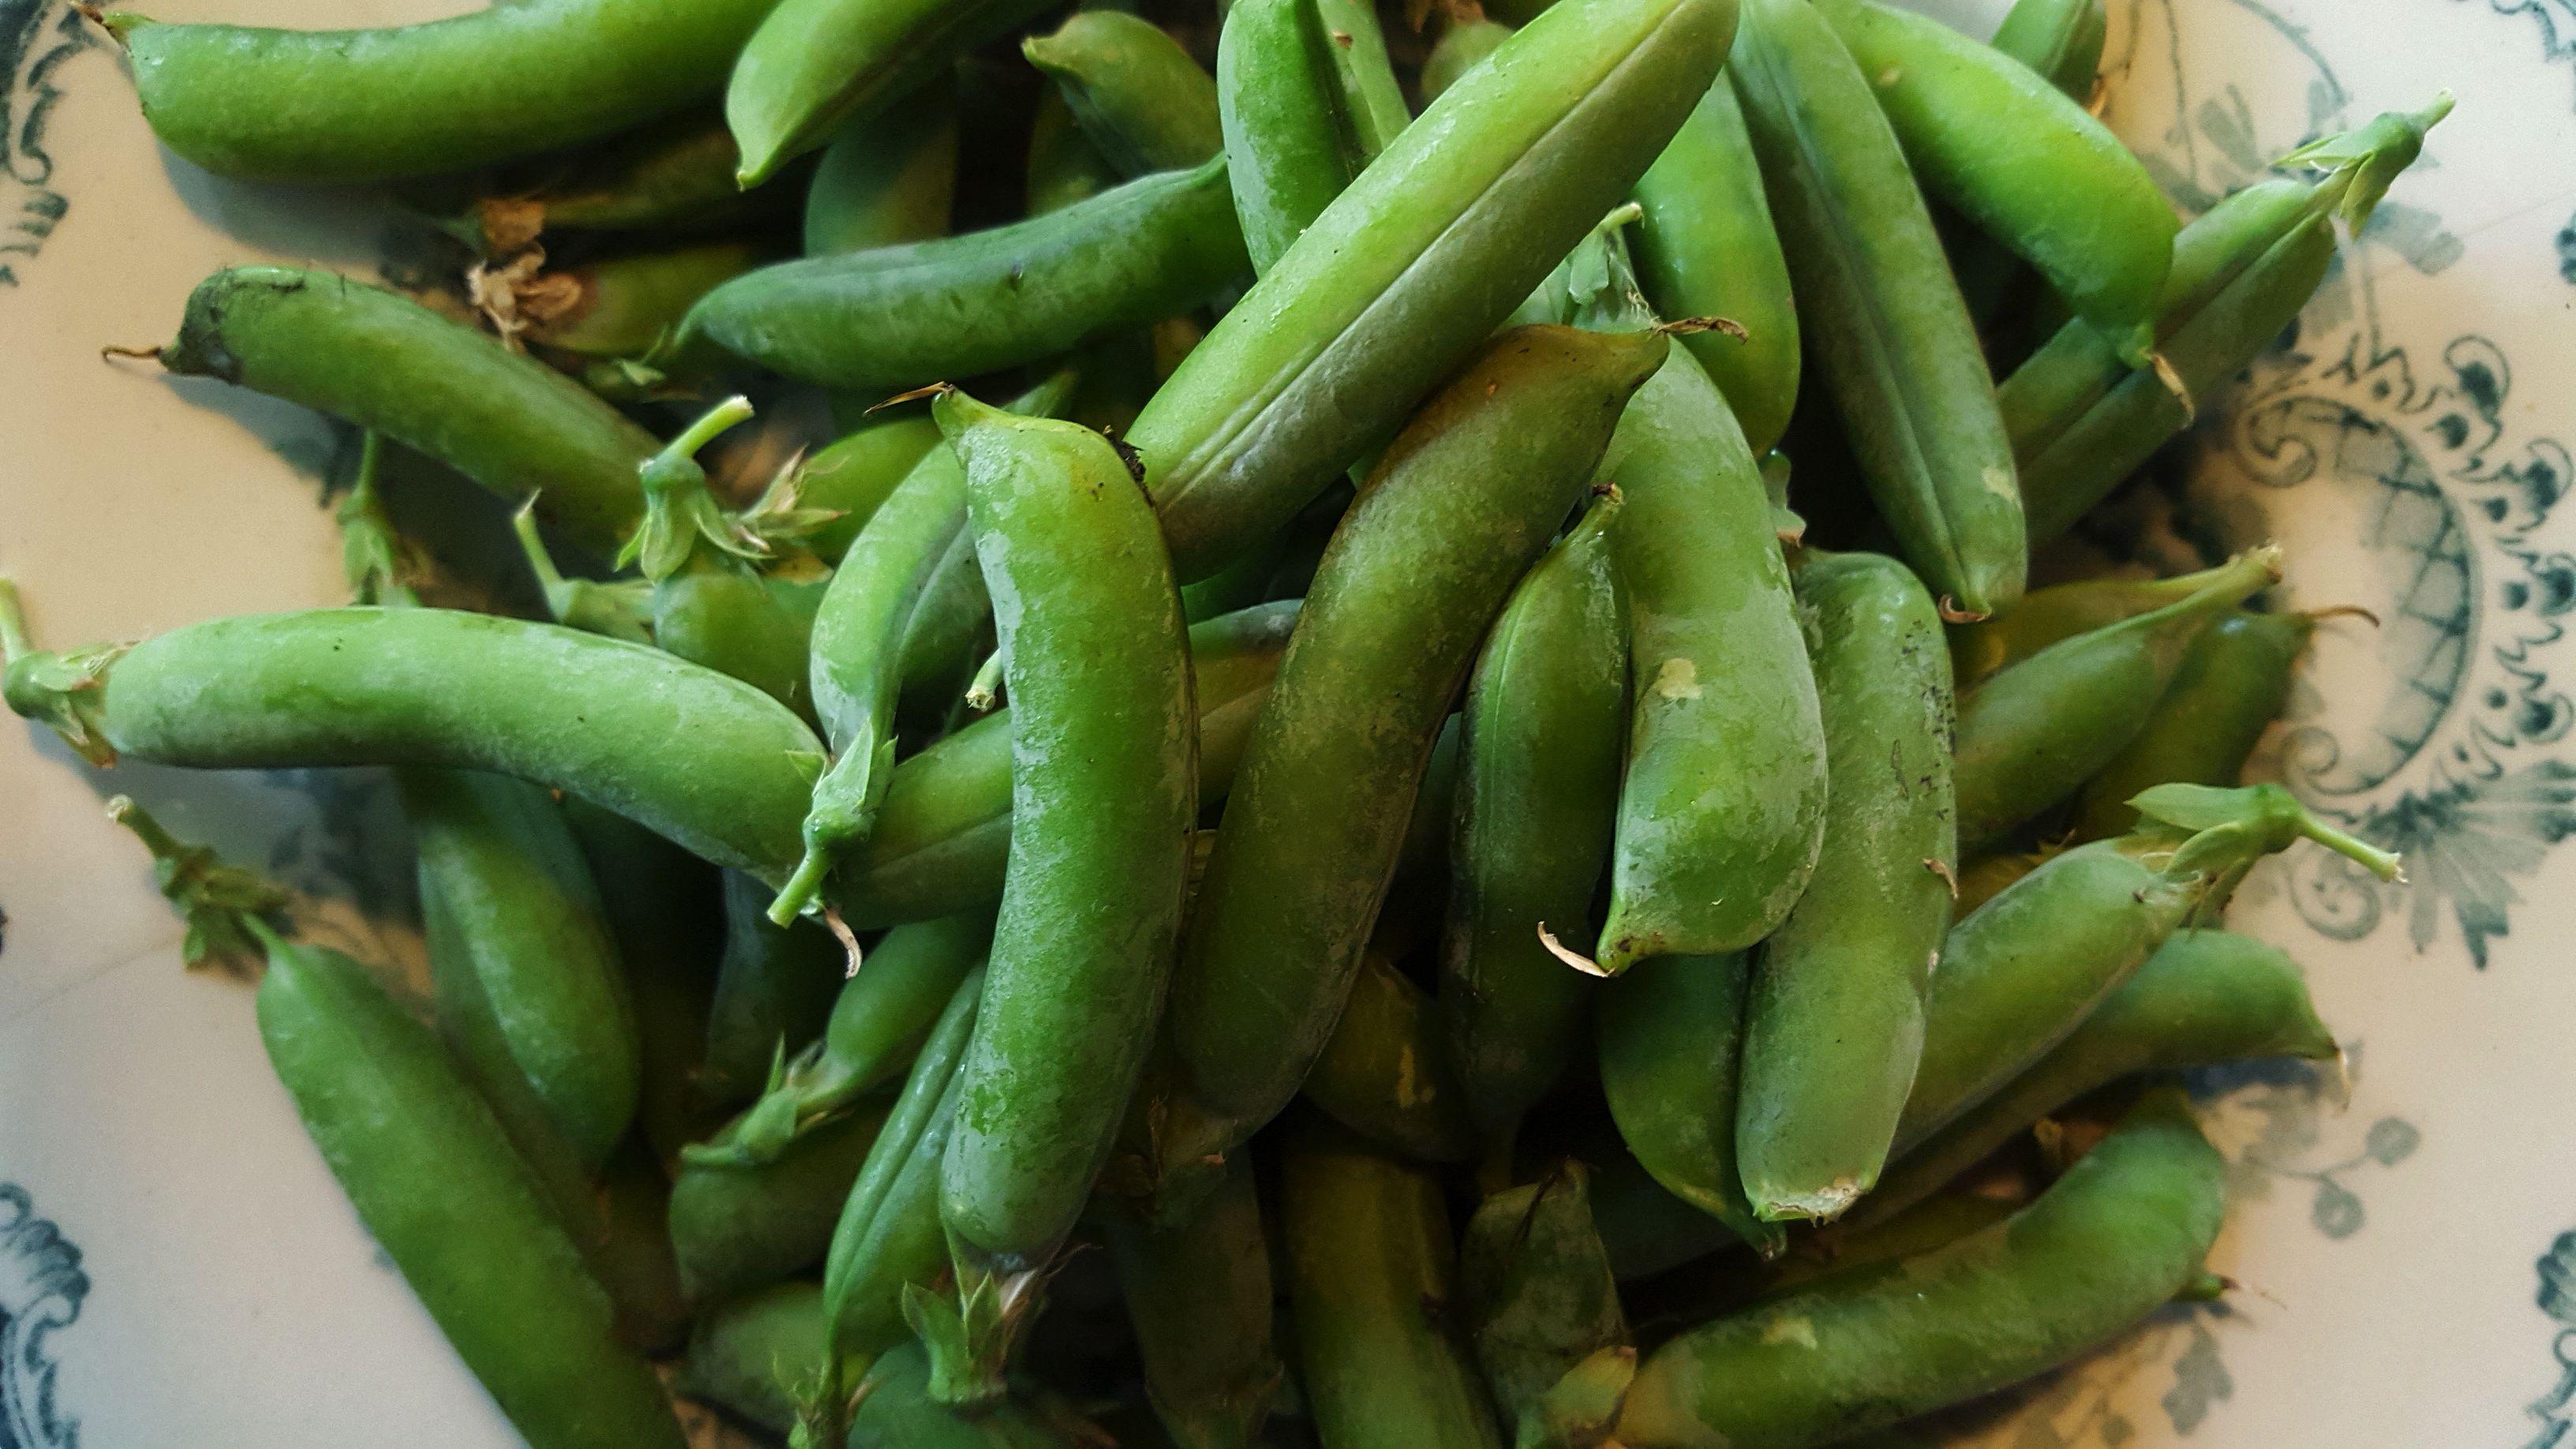 En tallrik med färska, ej skalade, gröna ärter. Harvesting tips, peas.